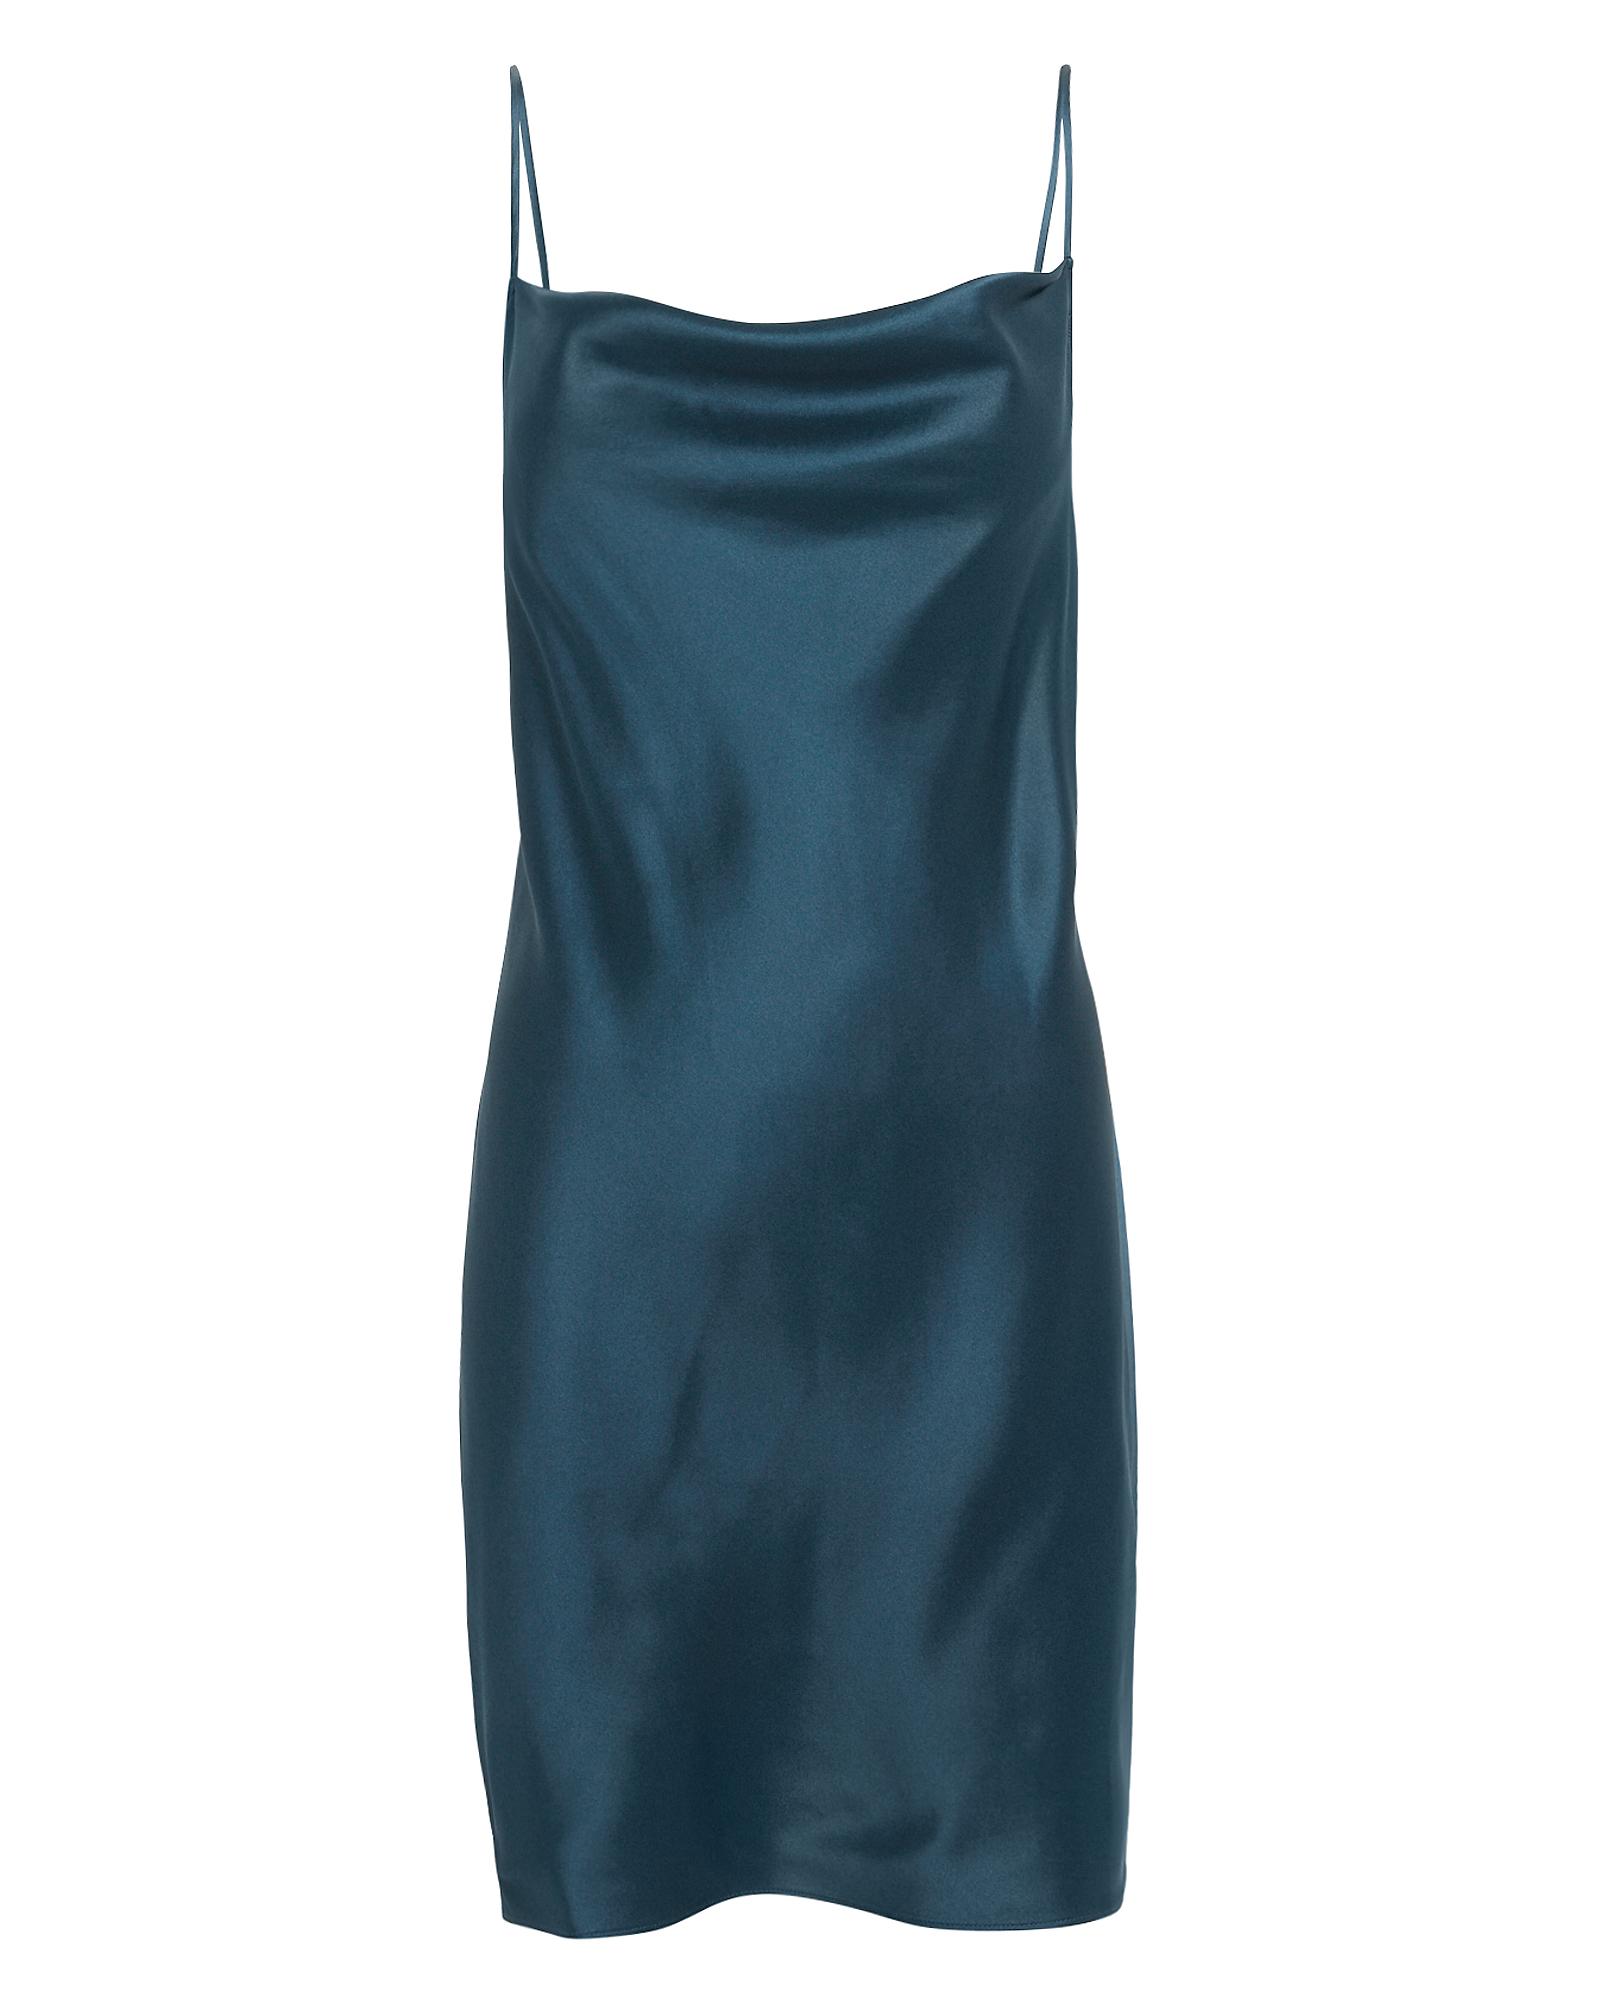 Navy Cowl Neck Sli Dress Navy